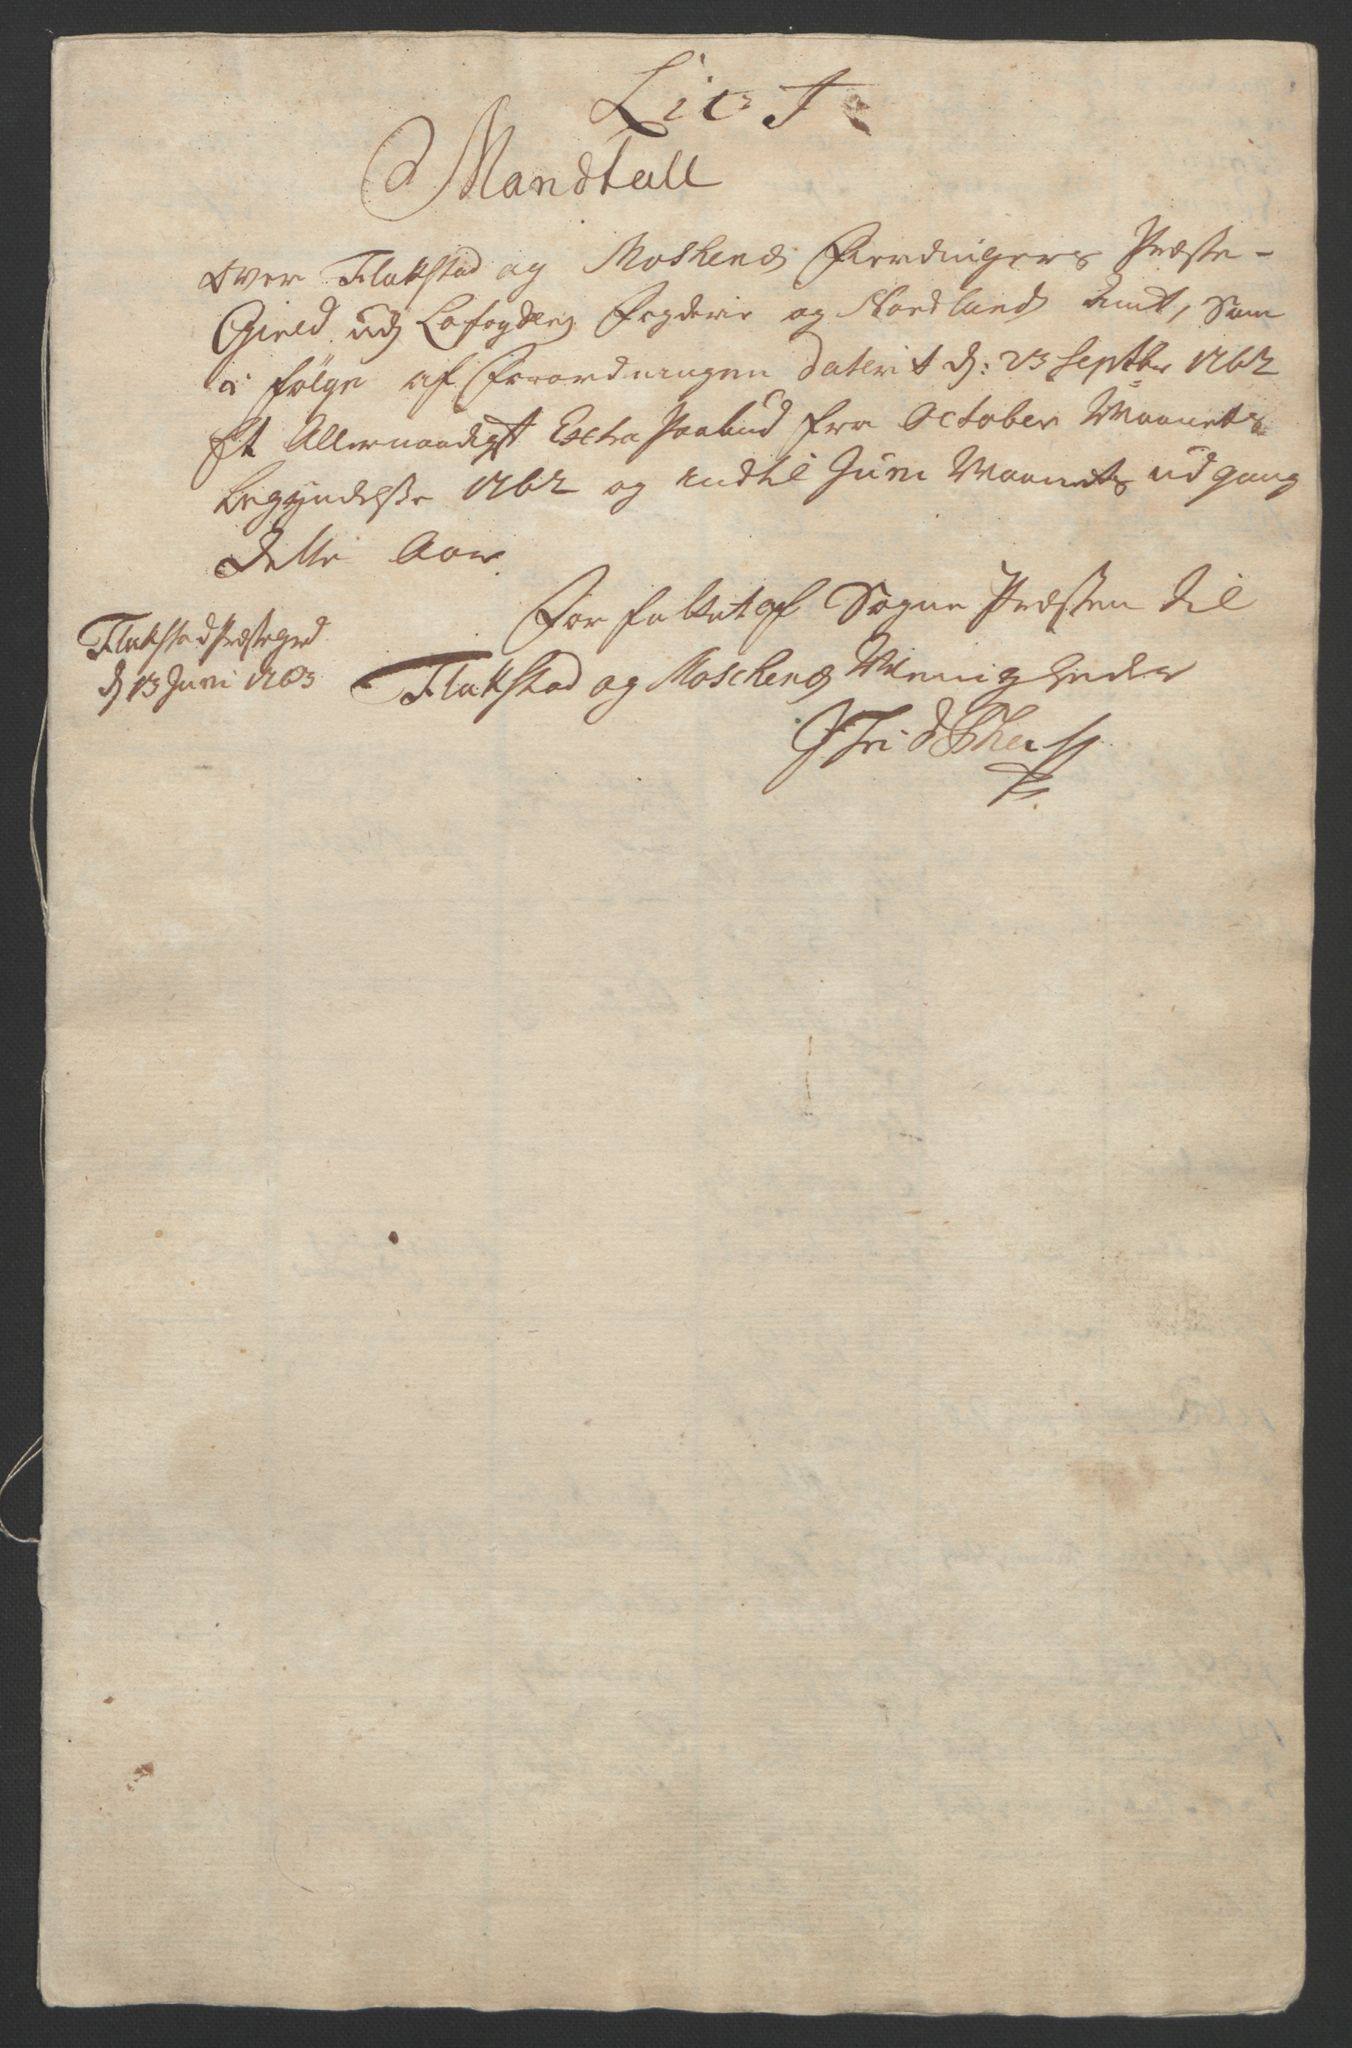 RA, Rentekammeret inntil 1814, Reviderte regnskaper, Fogderegnskap, R67/L4747: Ekstraskatten Vesterålen, Andenes og Lofoten, 1762-1766, s. 152